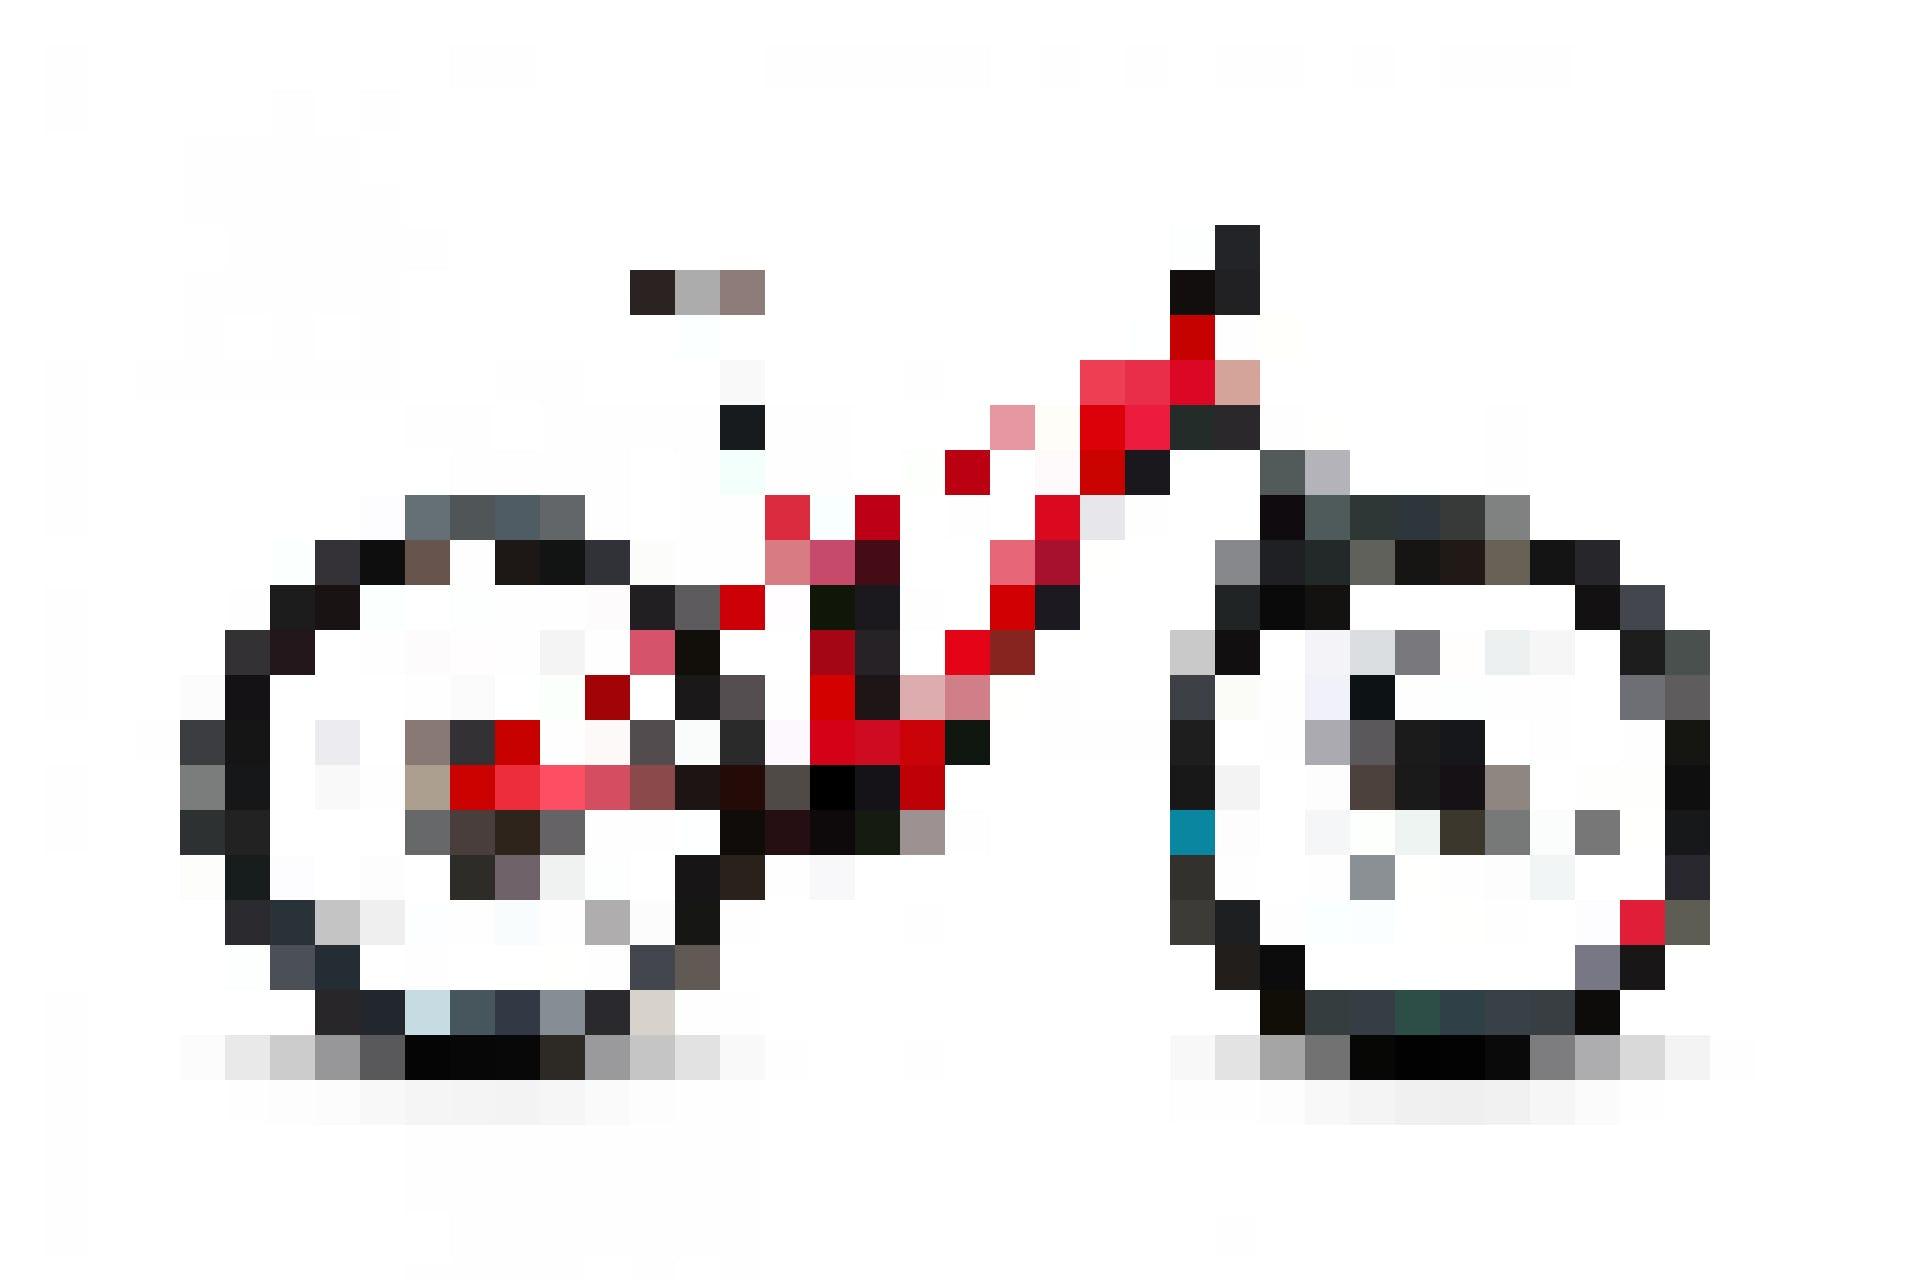 Thömus verspricht mit dem Lightrider E2 ein E-Mountainbike der nächsten Generation.